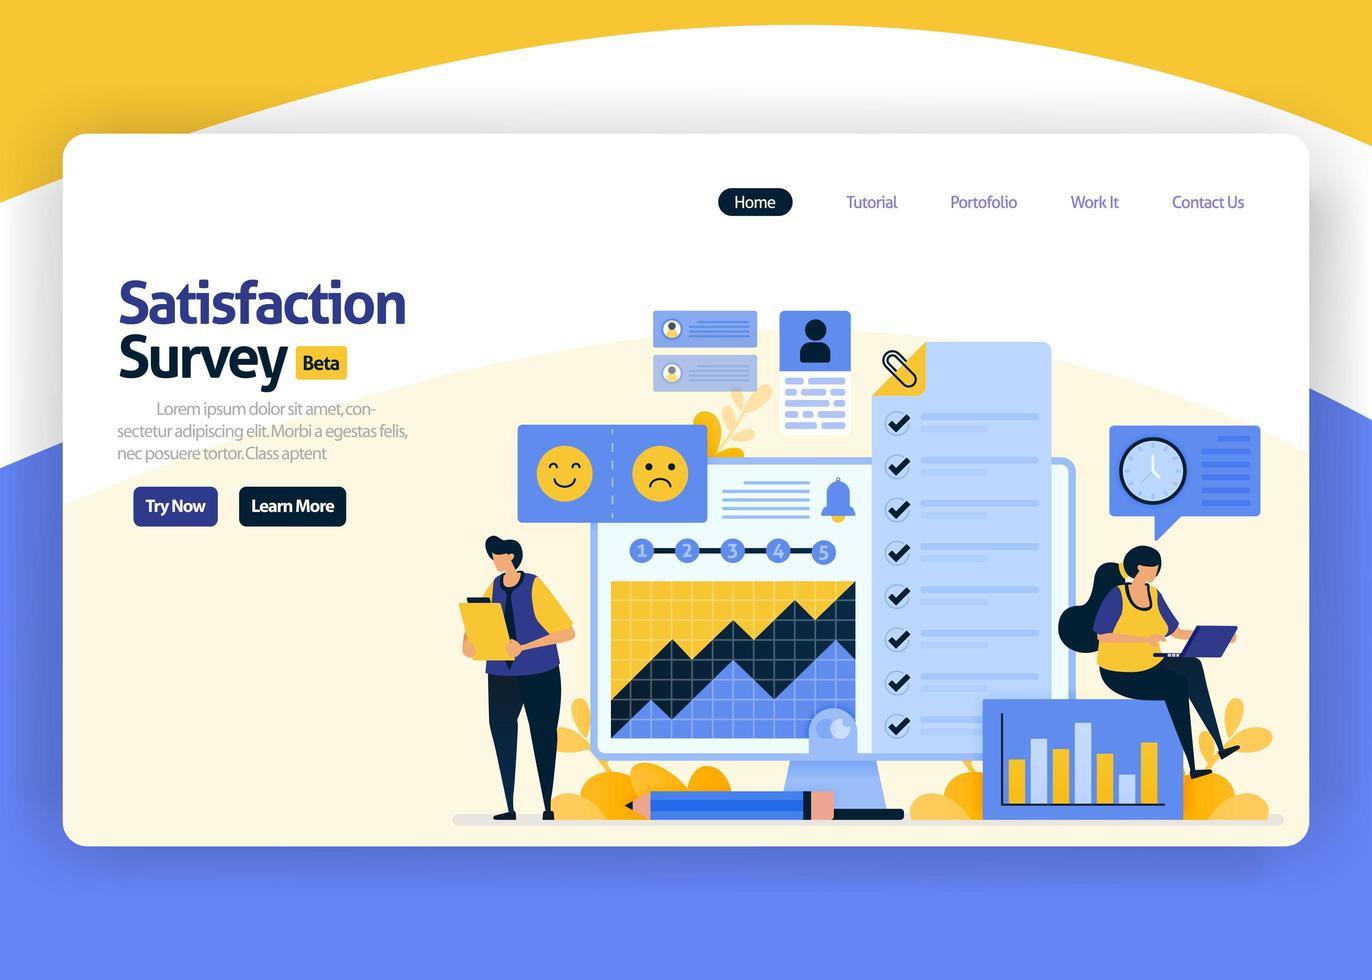 Ilustración de diseño plano de vector de página de destino de encuestas de satisfacción con emoticonos para la mejora del servicio empresarial, mediante el análisis del hábito del usuario. para sitios web, aplicaciones móviles, banner, flyer, folleto